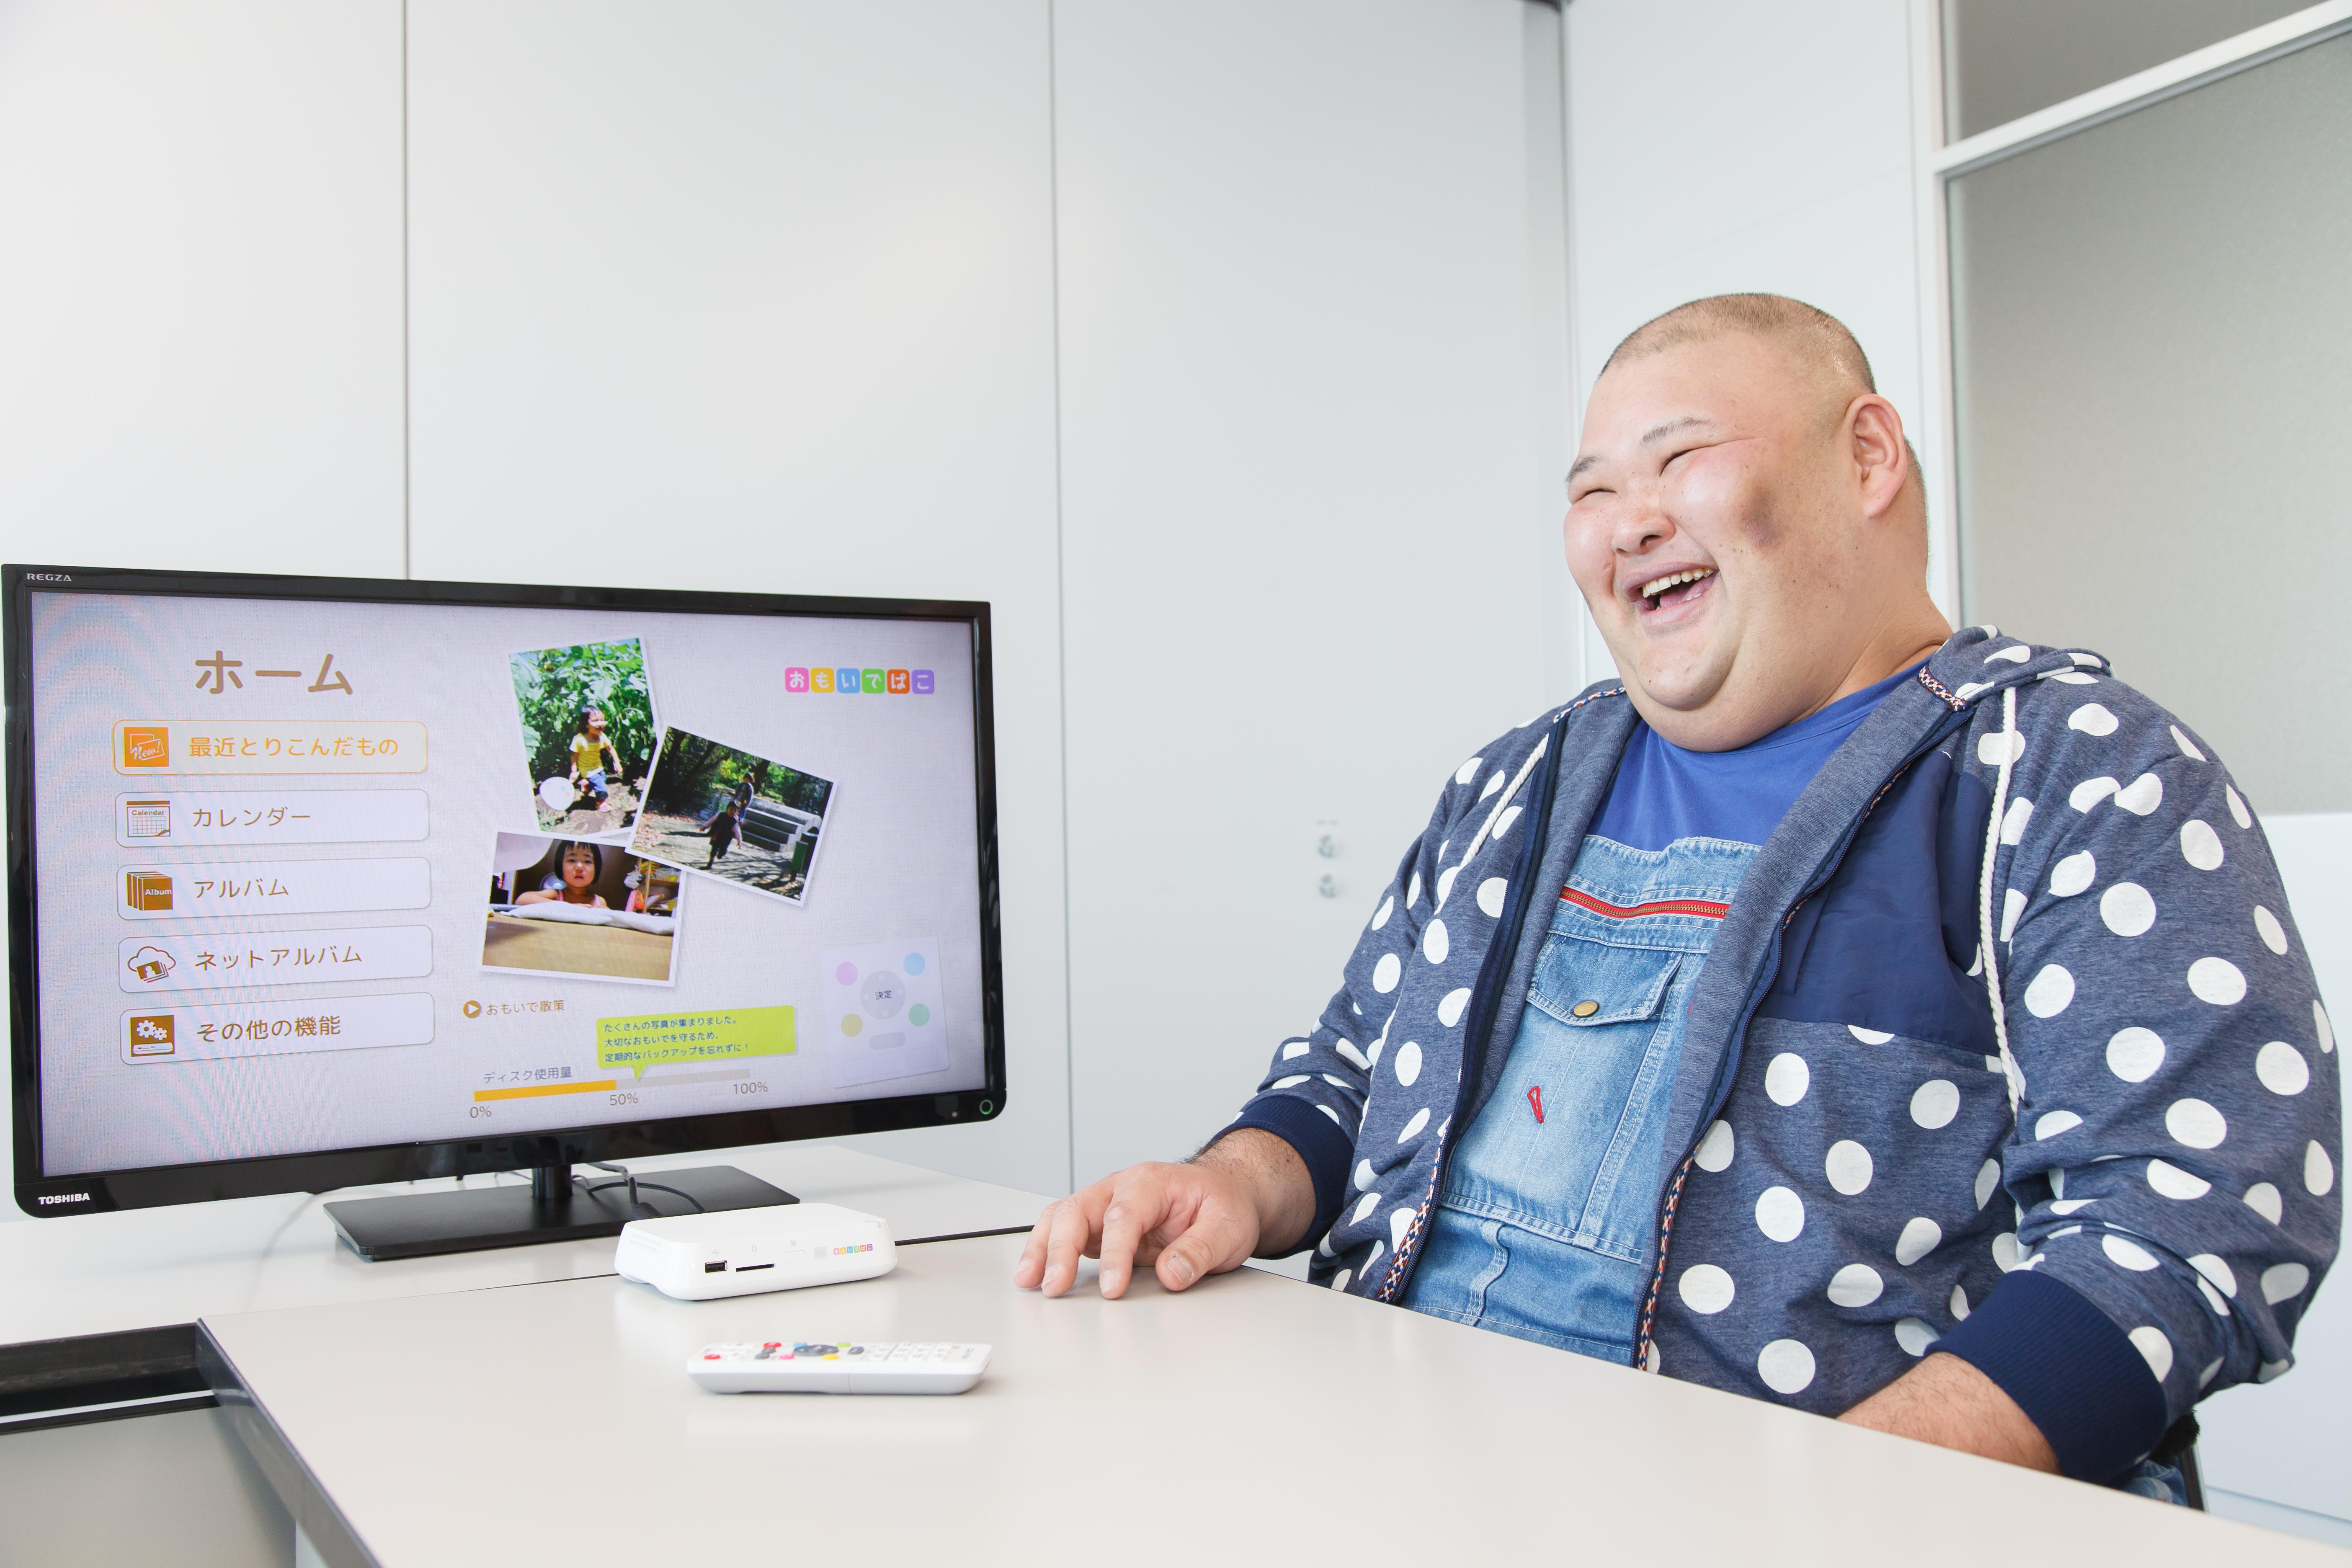 【おもいでばこ ユーザー インタビュー】ツイキャスで出会った 「やっとバッチシはまるもの」──安田大サーカスHIRO君